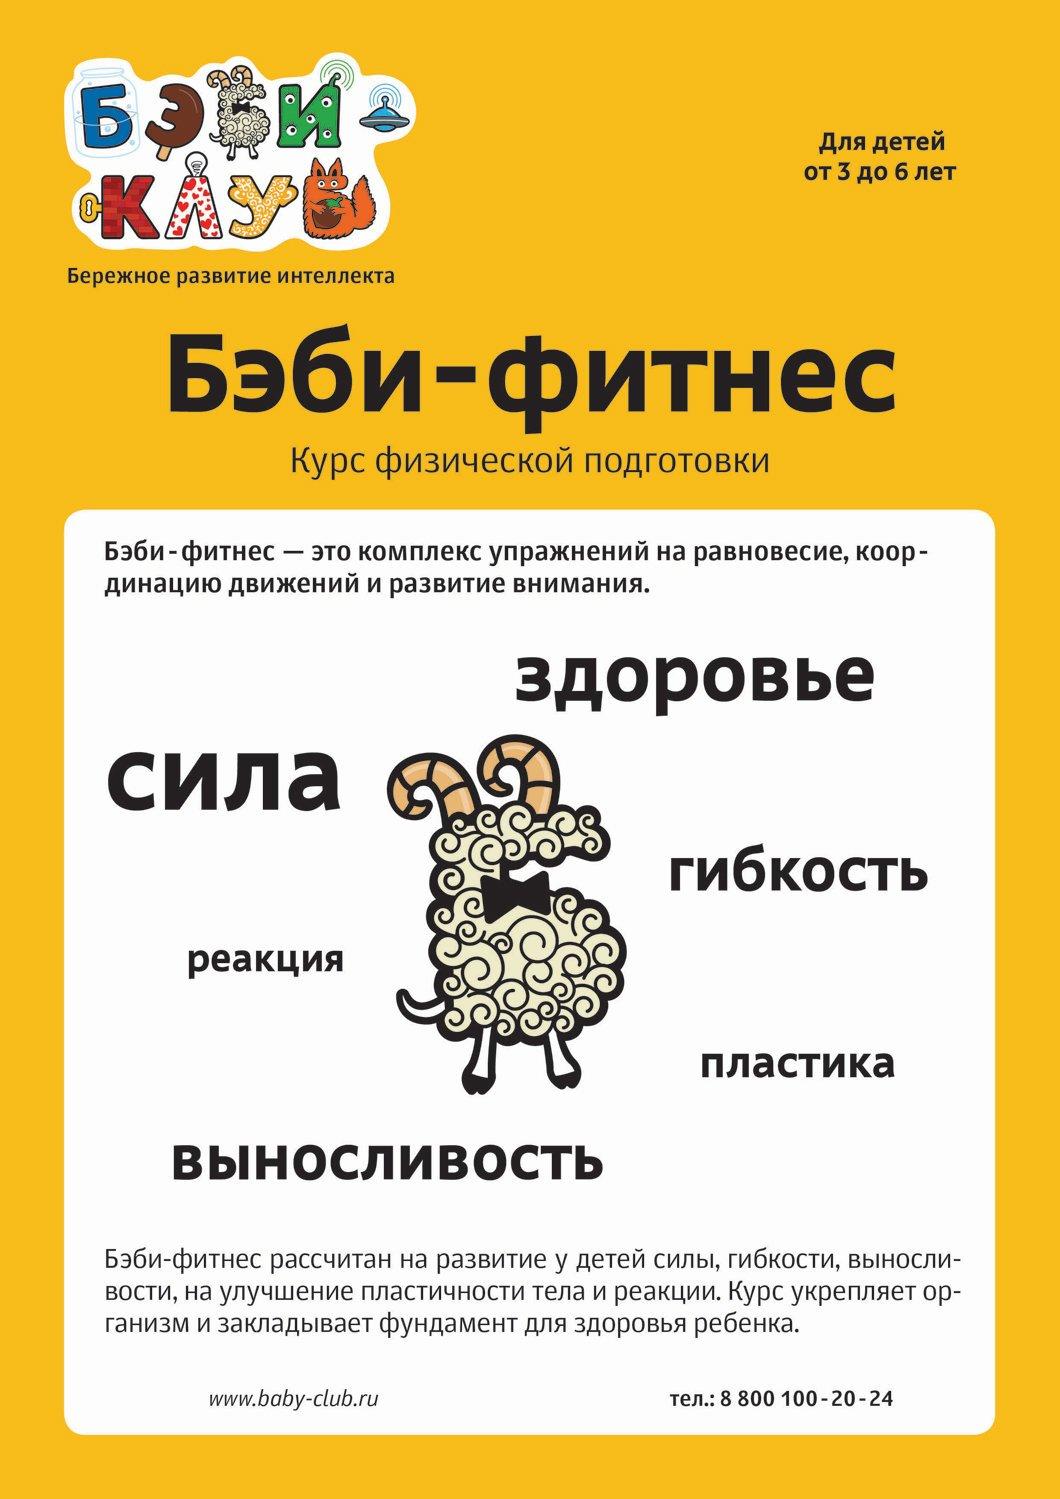 Бэби клуб москва официальный сайт цены ночные клубы г энгельс